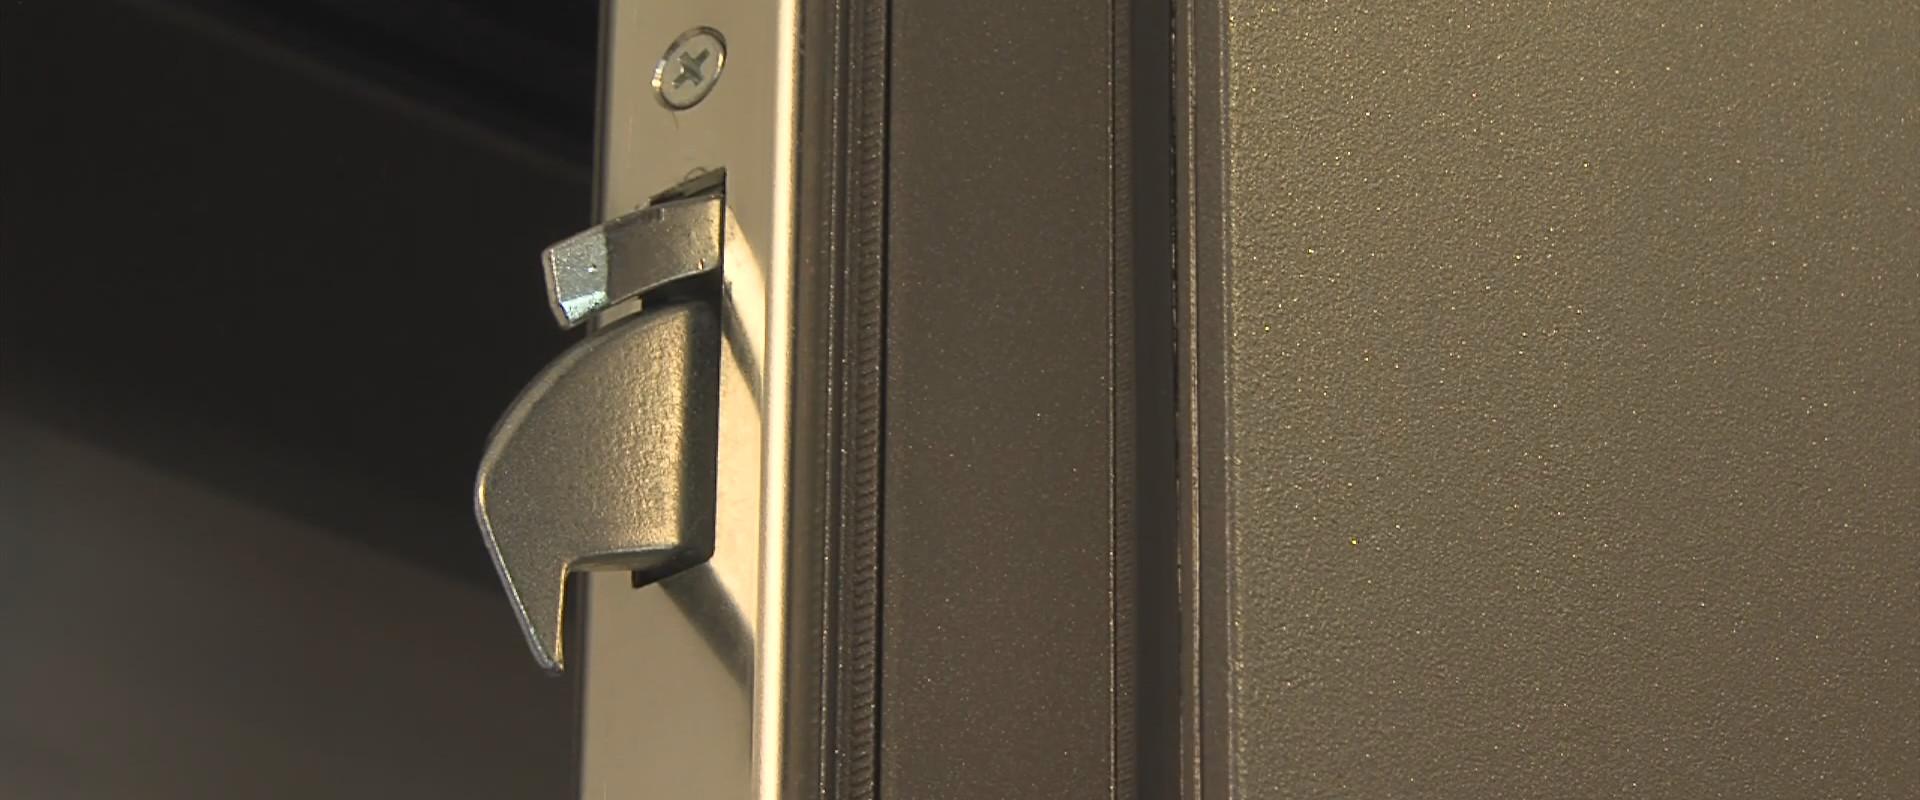 Zamek do drzwi z czytnikiem linii papilarnych Czytnik linii papilarnych